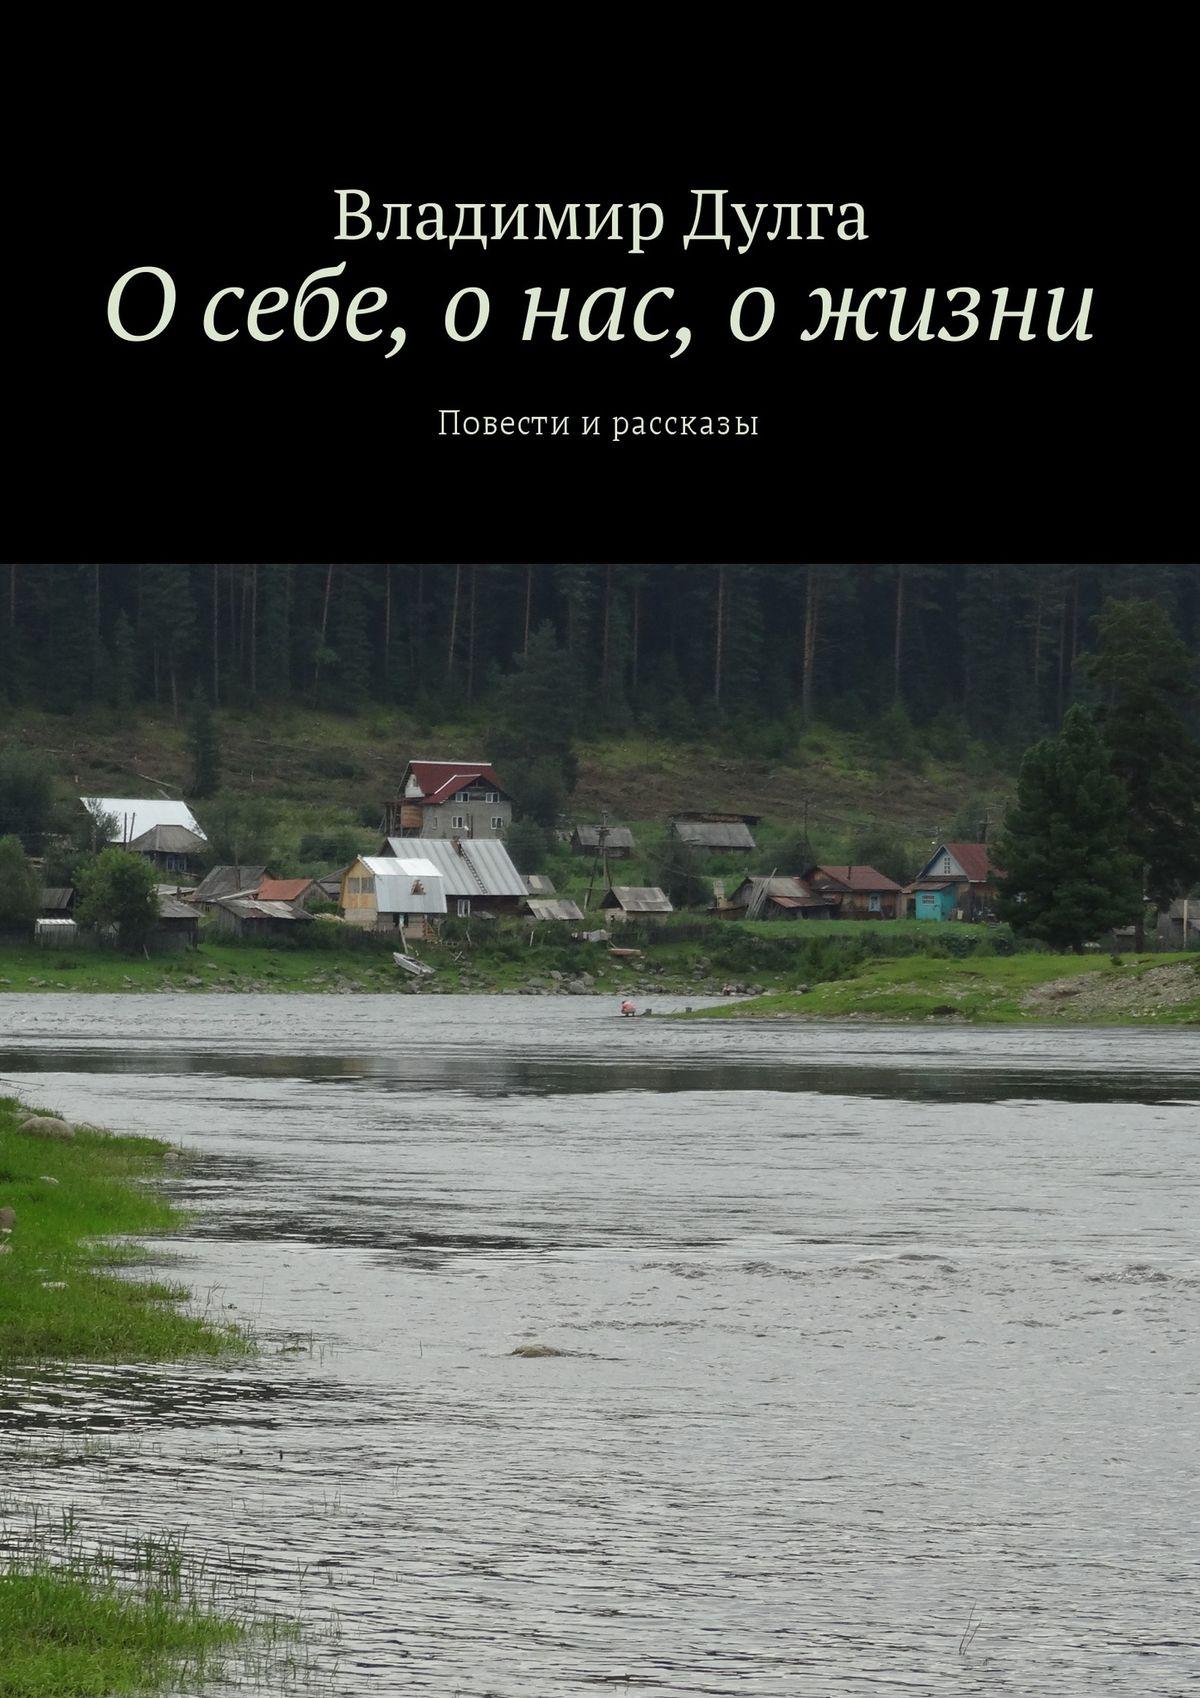 Владимир Дулга О себе, о нас, о жизни. Повести ирассказы